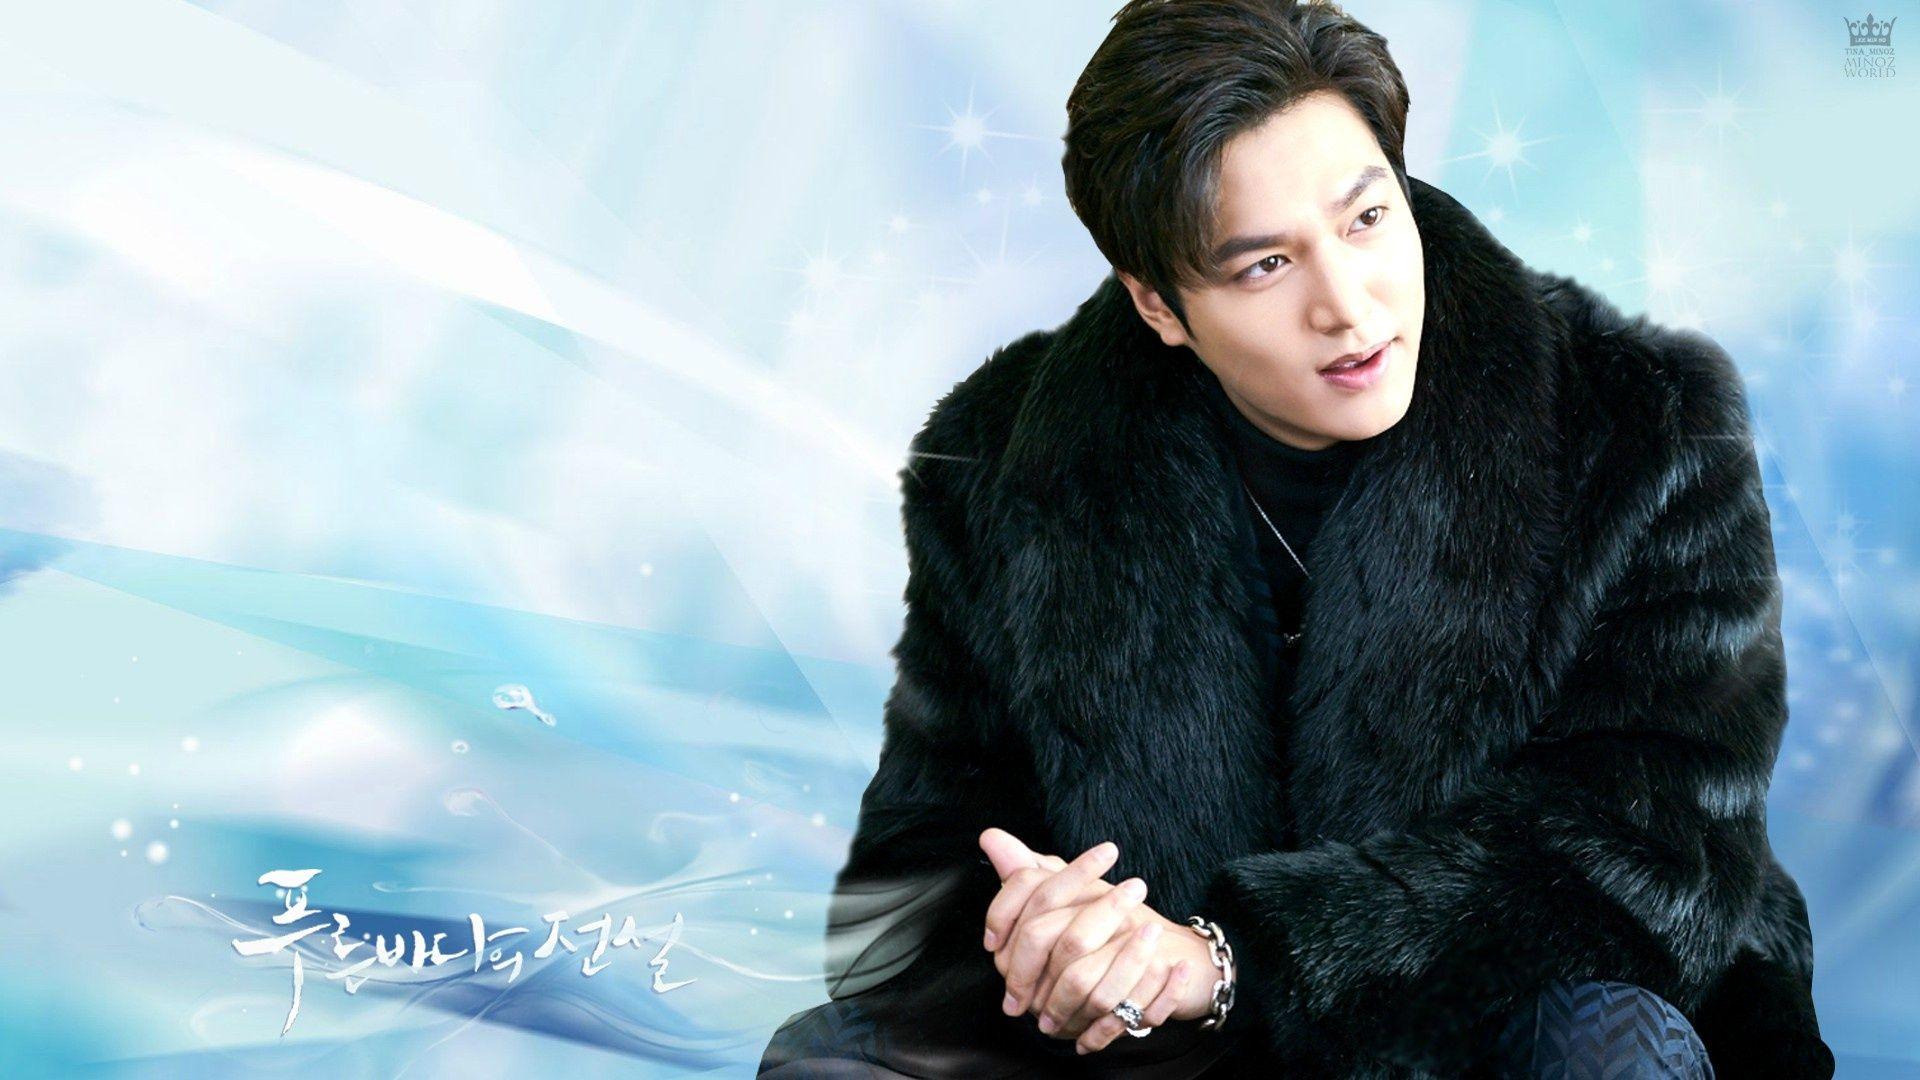 Download 770+ Wallpaper Hp Drama Korea Gratis Terbaru